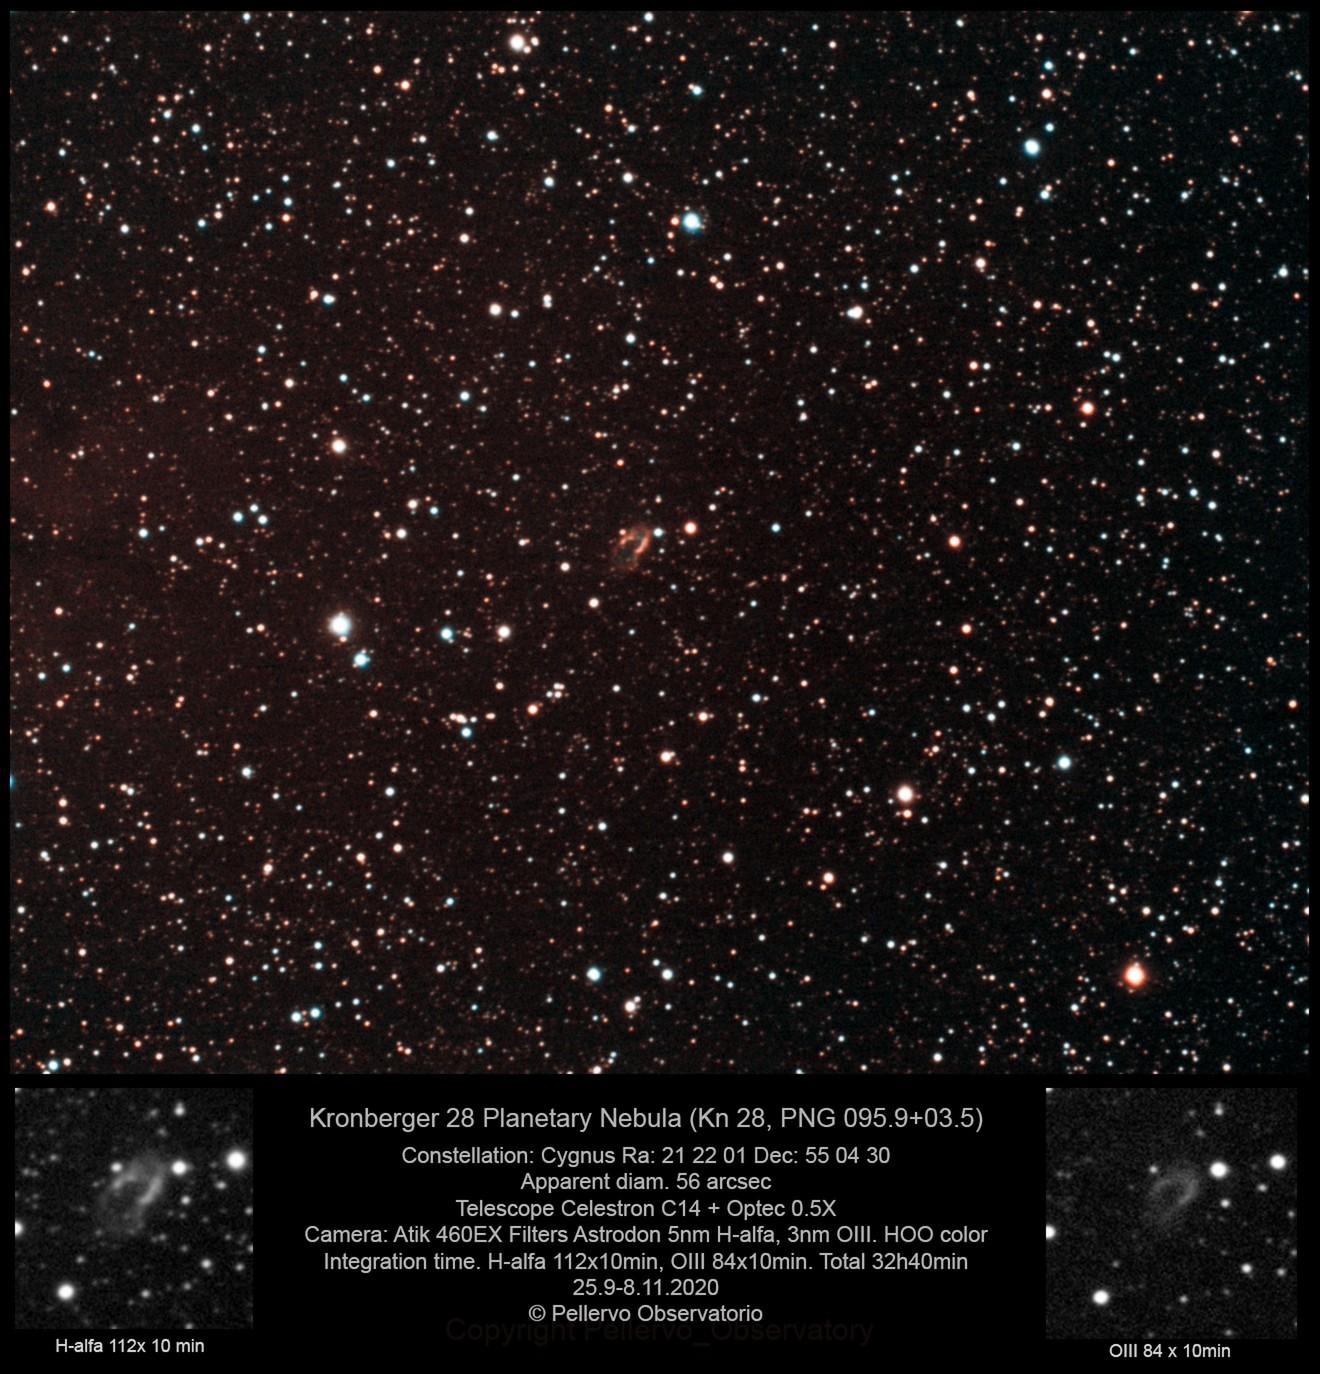 PNG 095.9+03.5 (Kronberger 28)